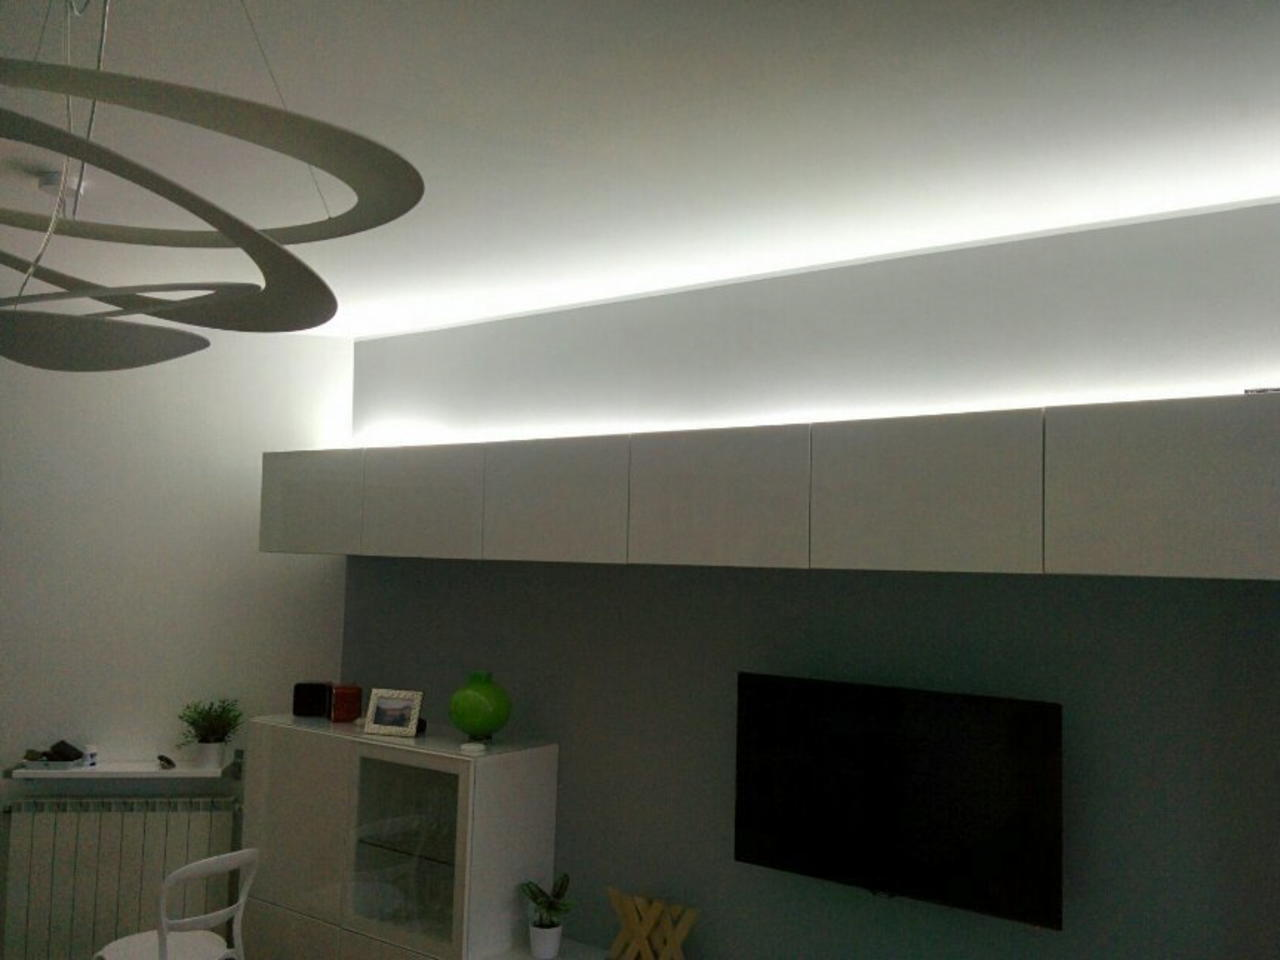 Striscia led sopra mobile installazione led per for Illuminazione a led per casa